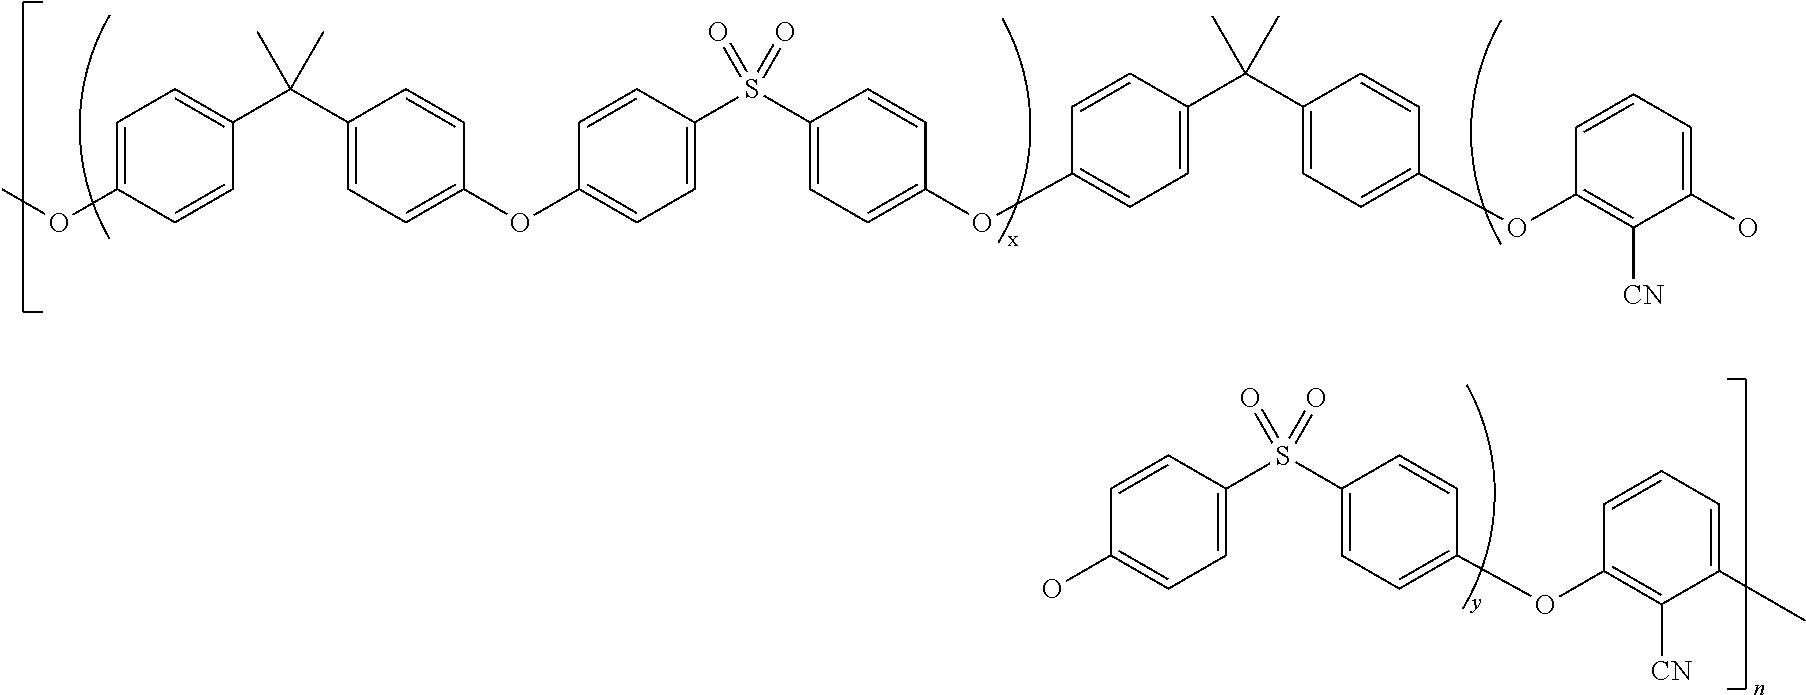 Figure US07977451-20110712-C00013